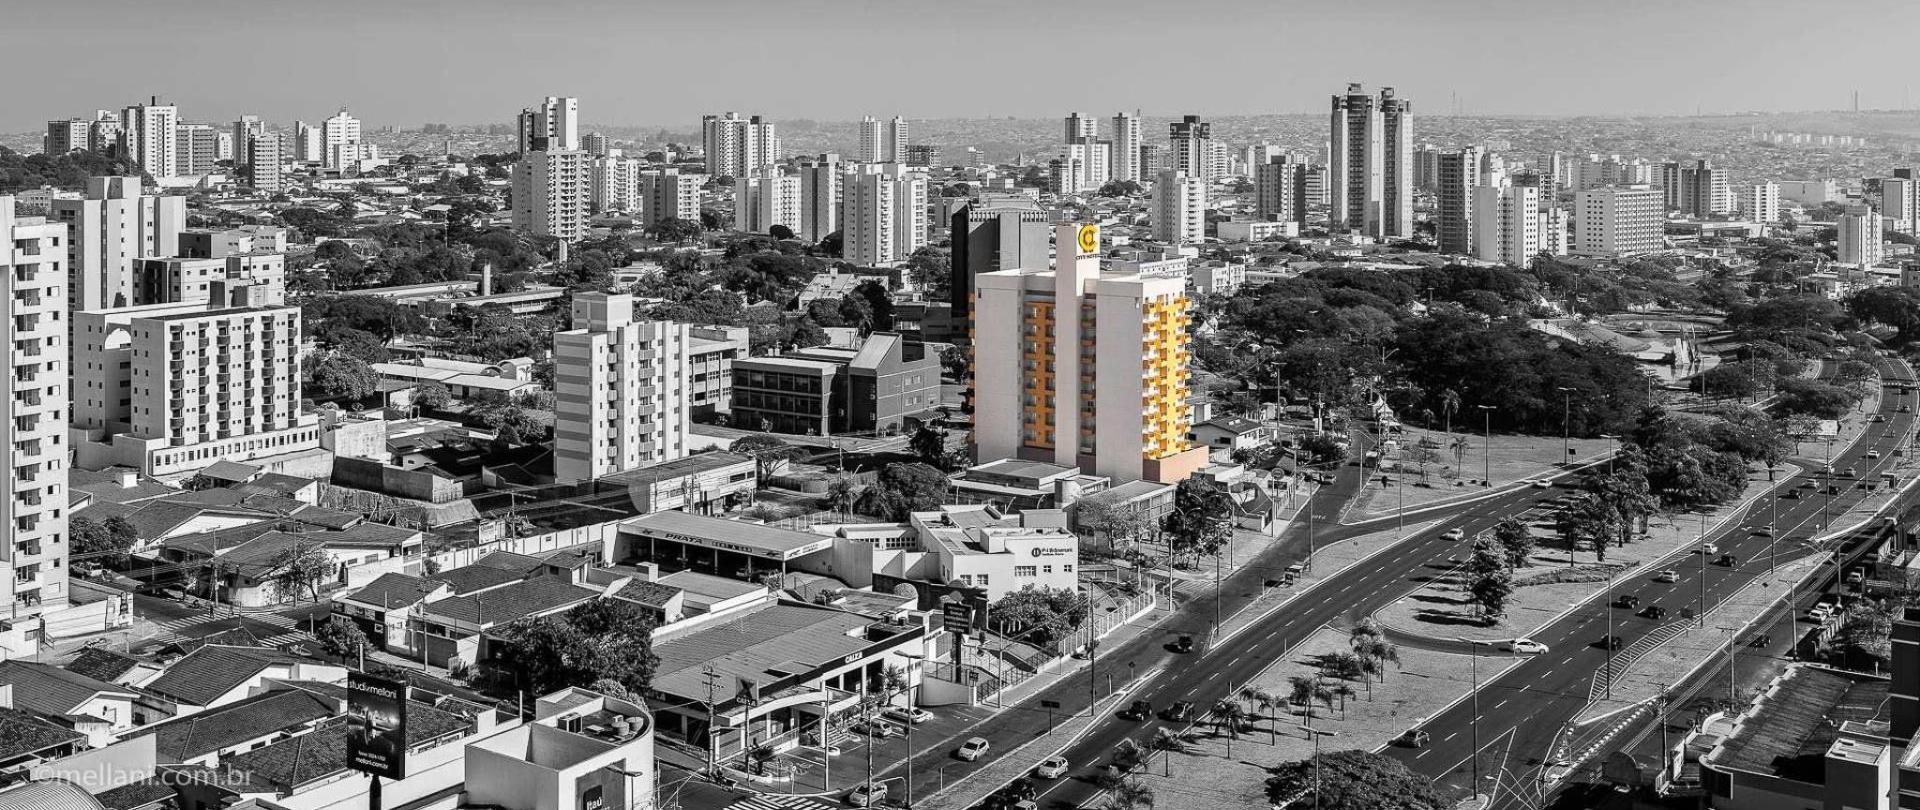 city-hotel-1920px-para-catalogo.jpg